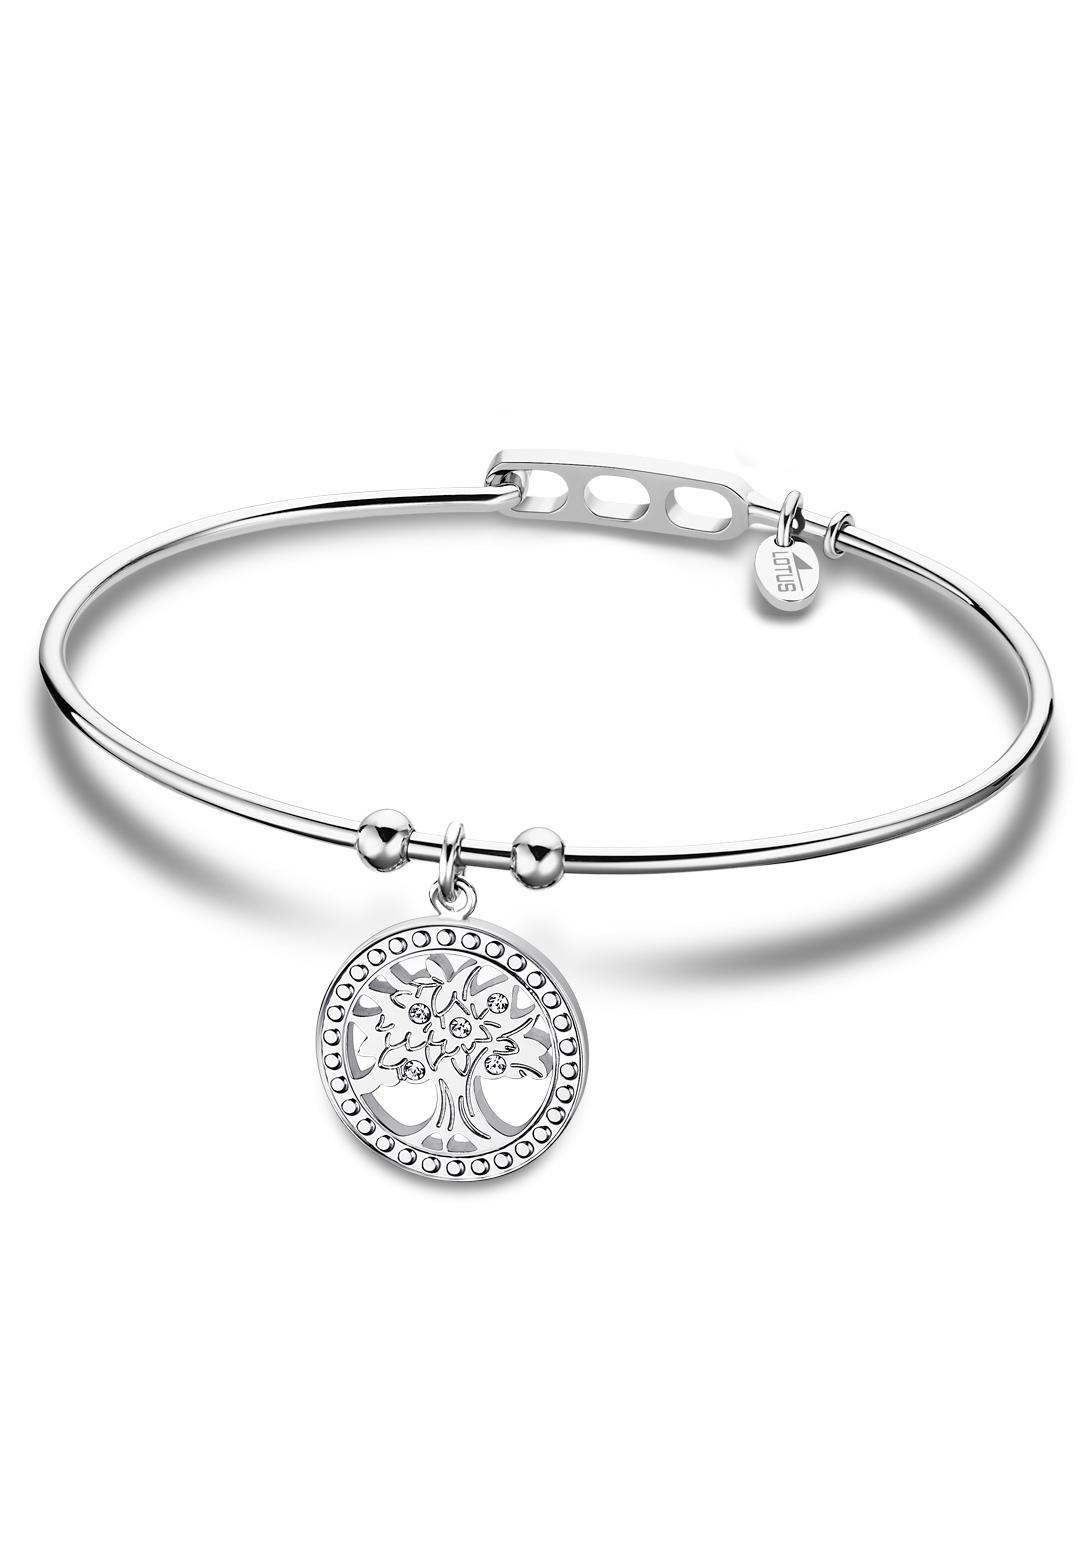 Lotus Style armband Levensboom, LS2015-2x3 met zirkoon bij OTTO online kopen